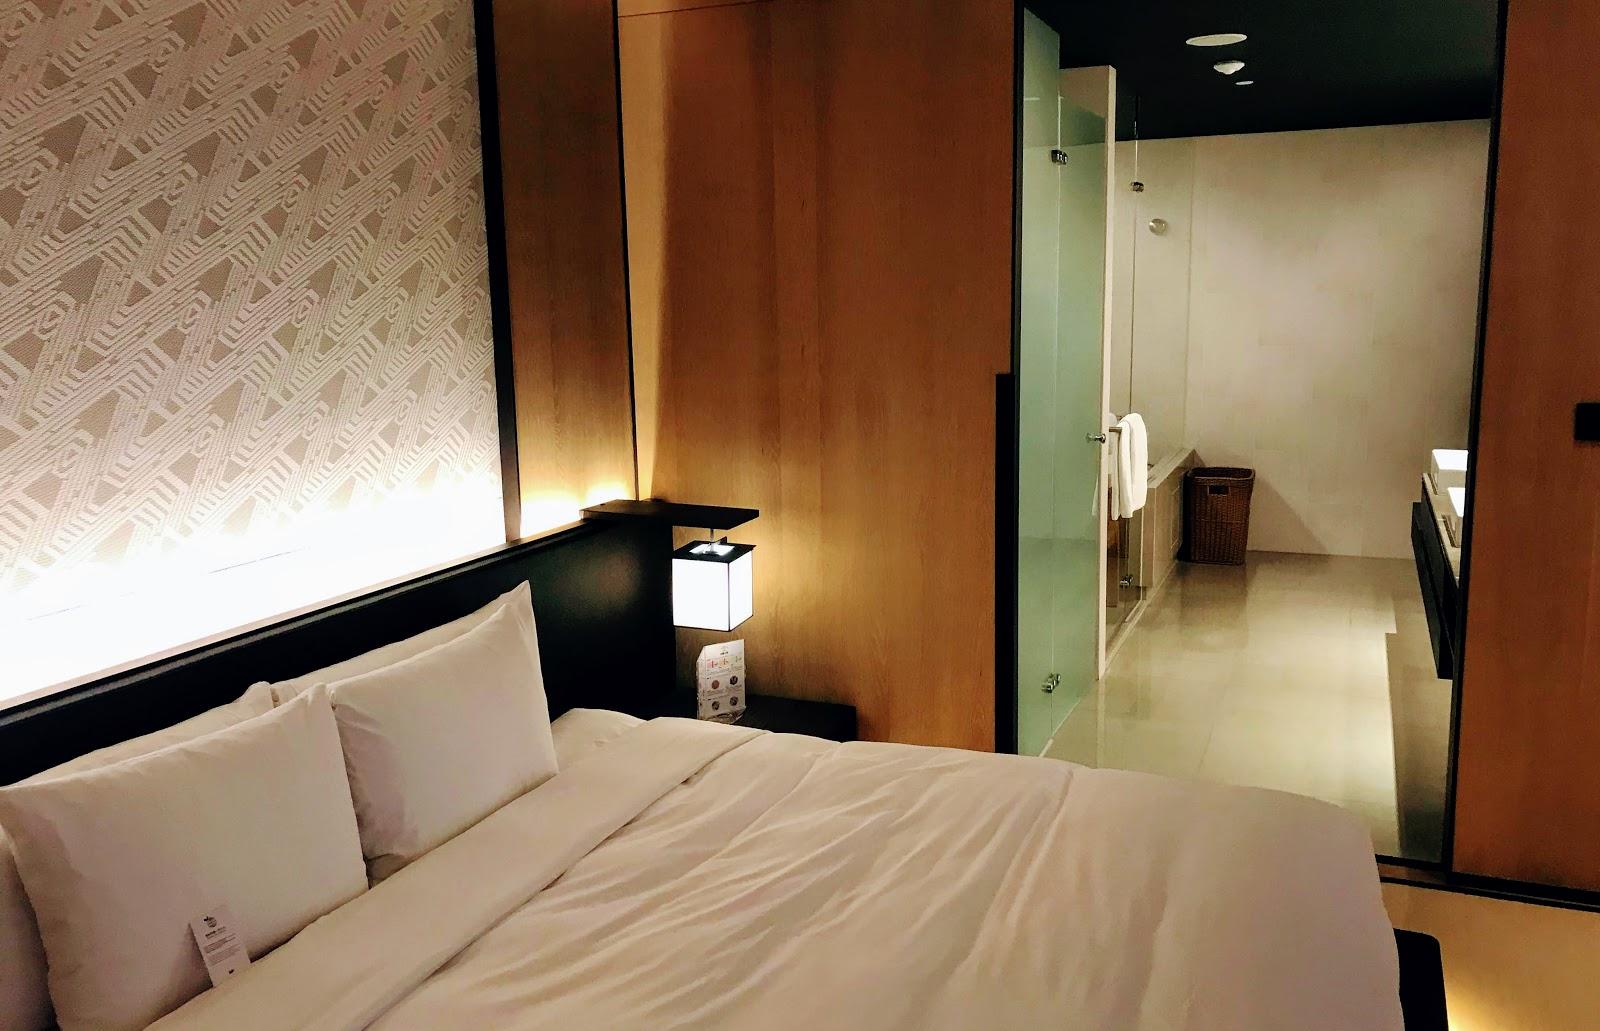 |台南大員皇冠假日酒店|軟硬體一流的台南度假飯店|住客零差評 日式和風客房|服務|設施|元素餐廳|[台南安平]